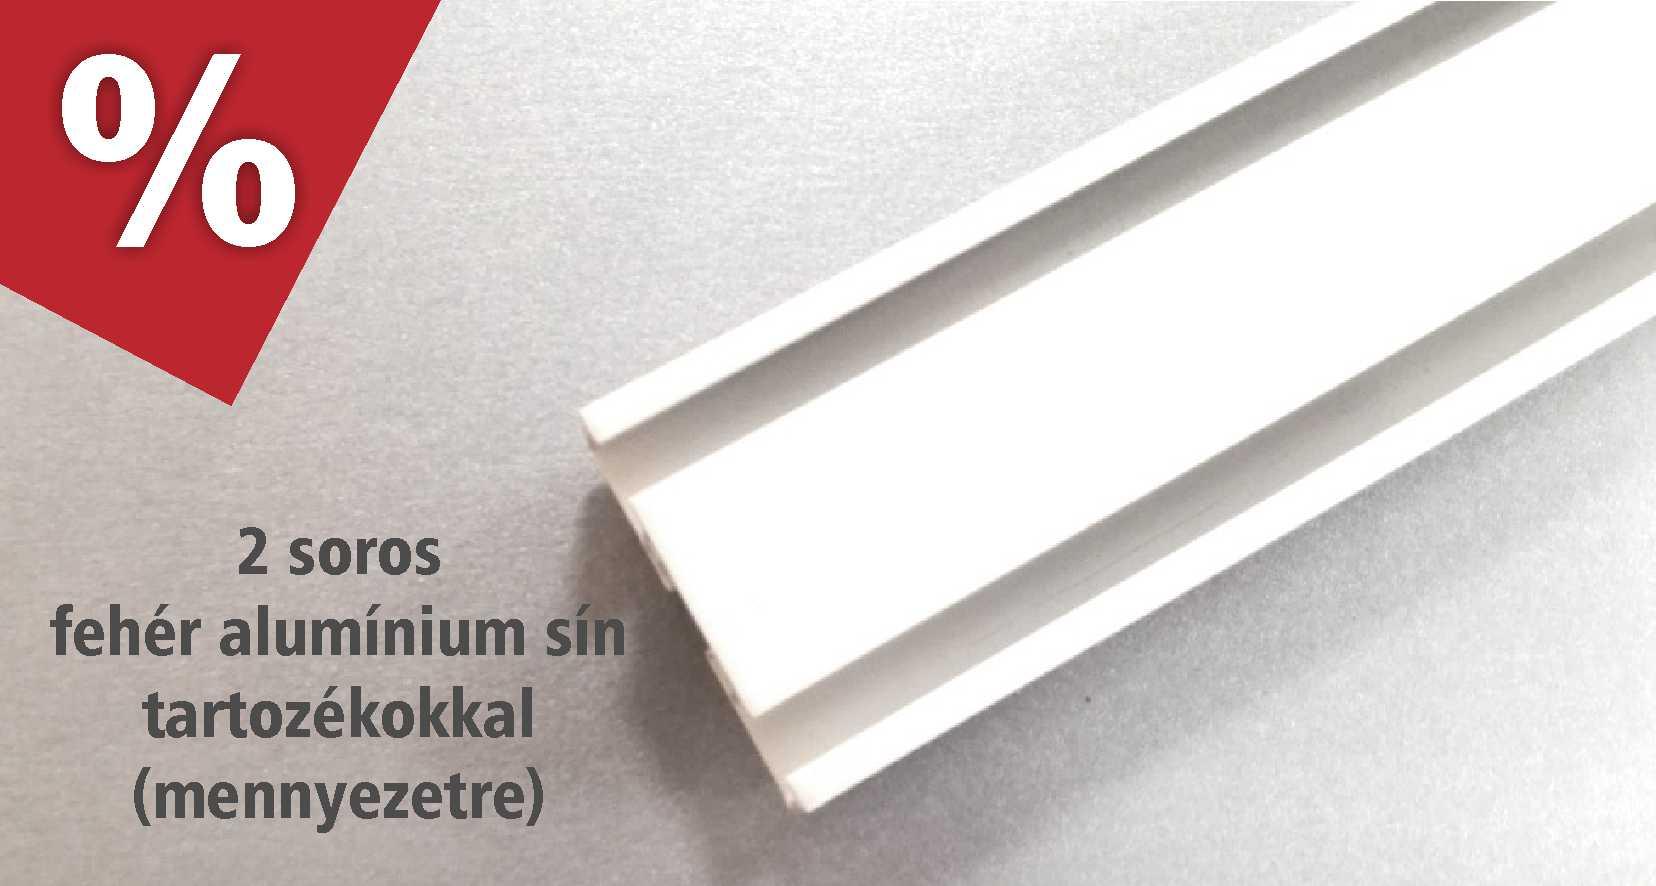 2 soros fehér alu sínek mennyezetre - 10 % kedvezménnyel - www.karnisstudio.hu